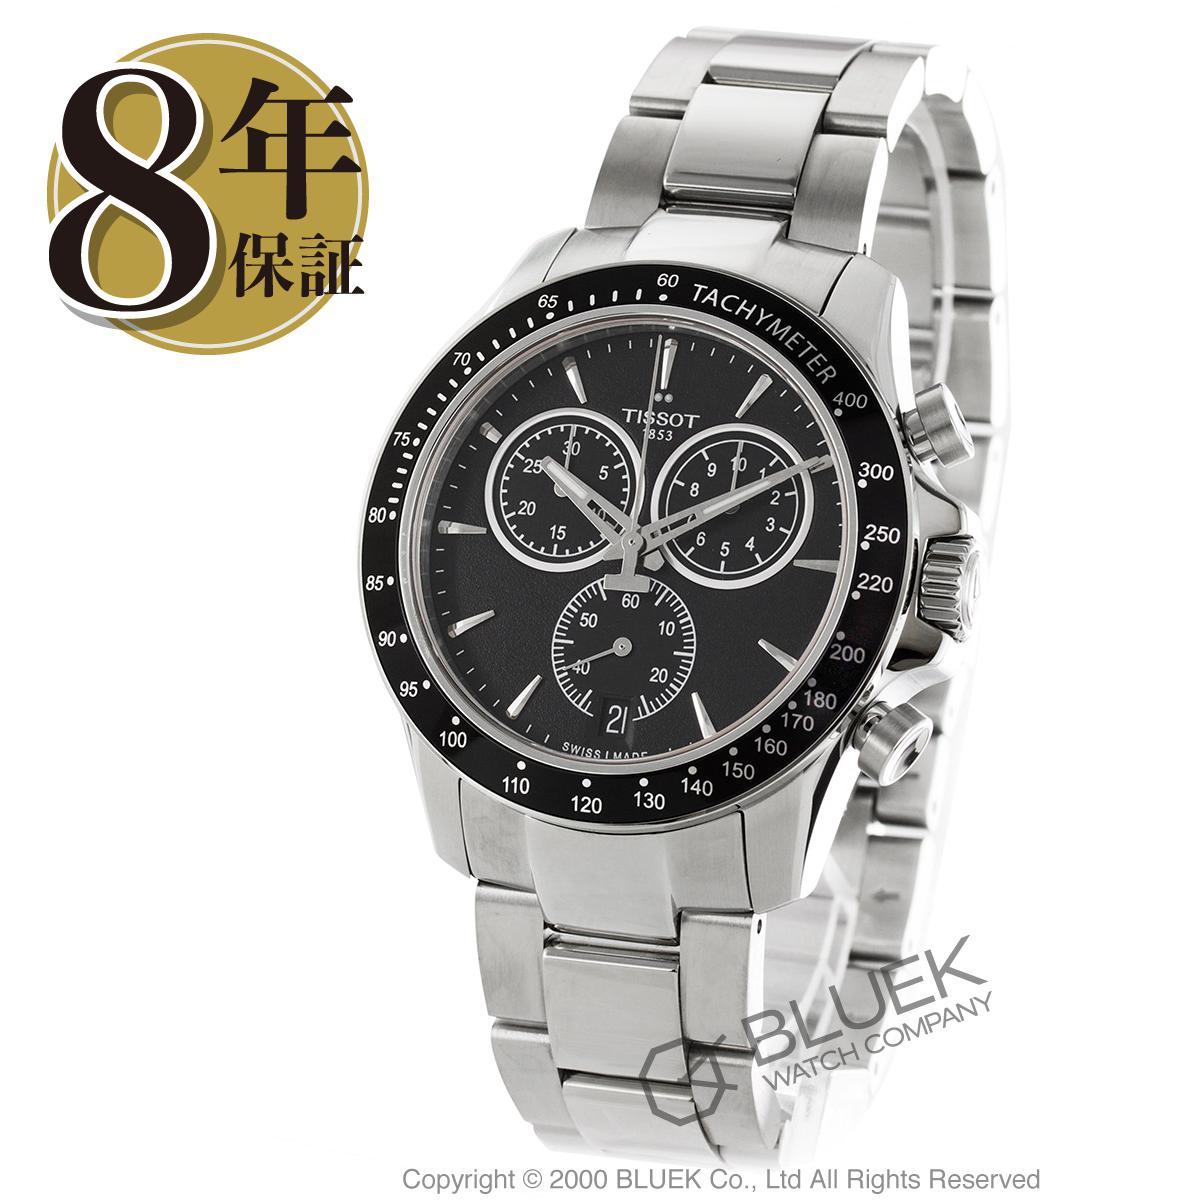 ティソ T-スポーツ V8 クロノグラフ 腕時計 メンズ TISSOT T106.417.11.051.00_8